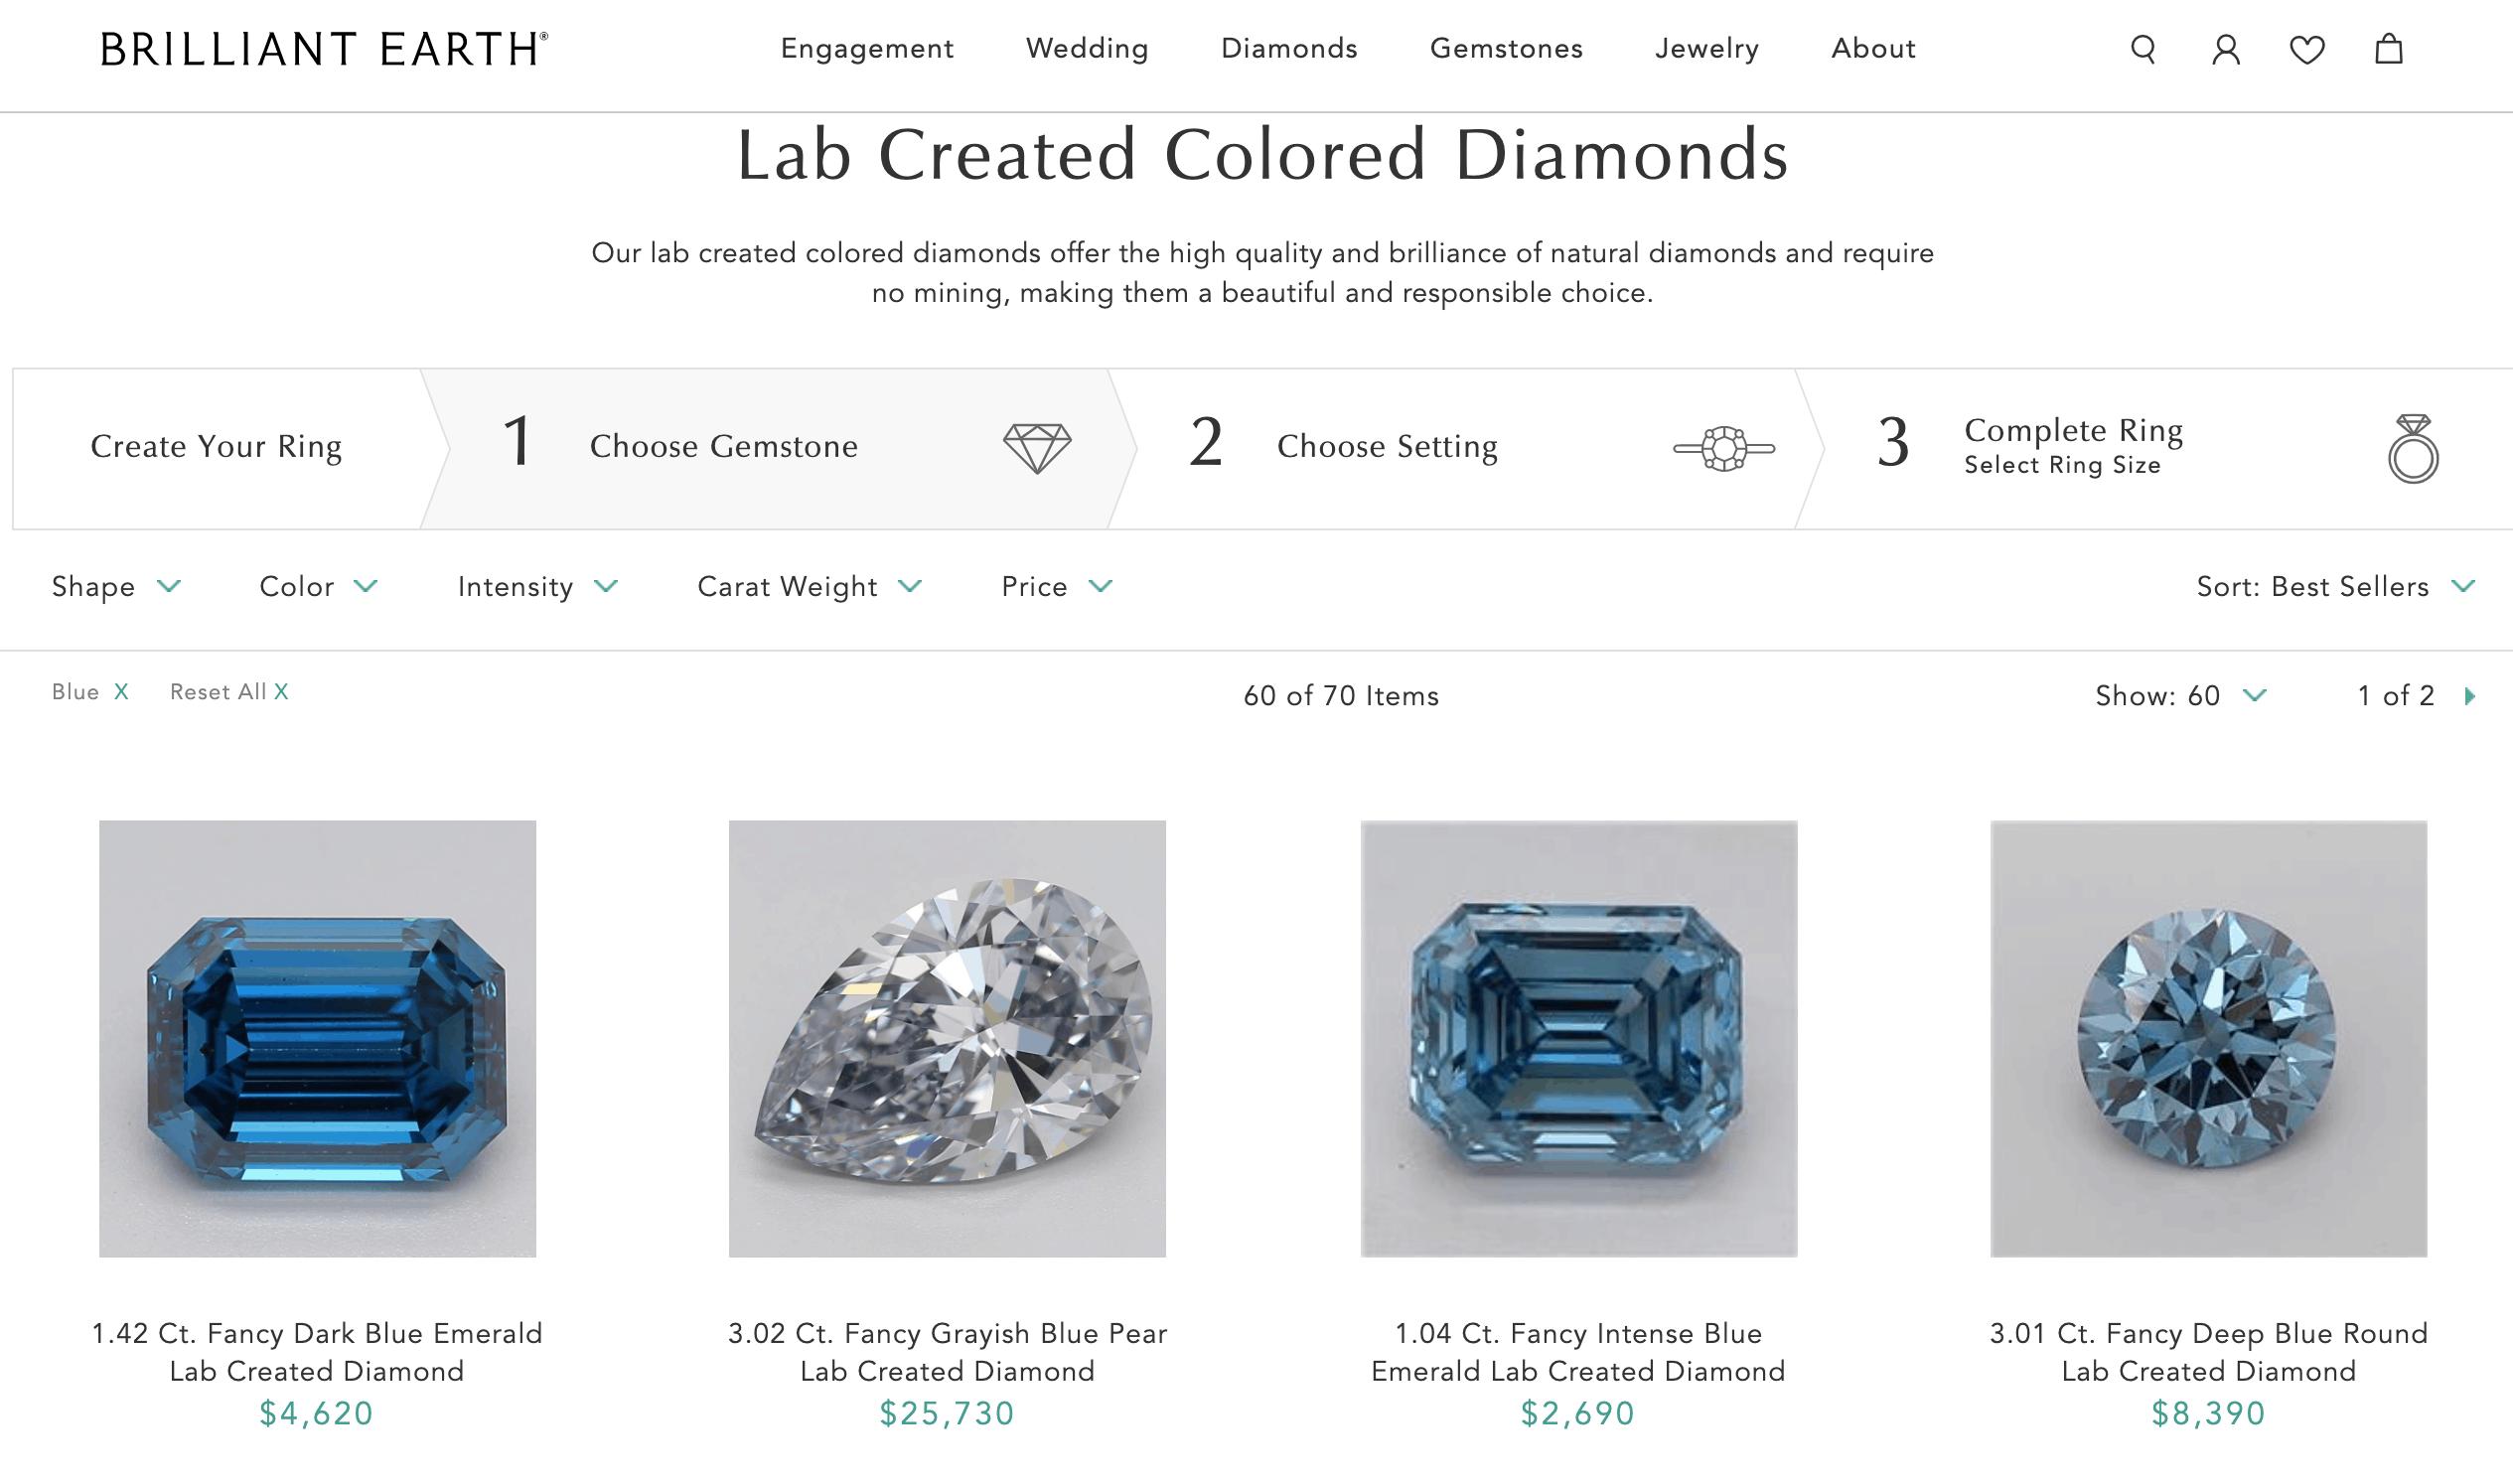 Blue diamonds at Brilliant Earth